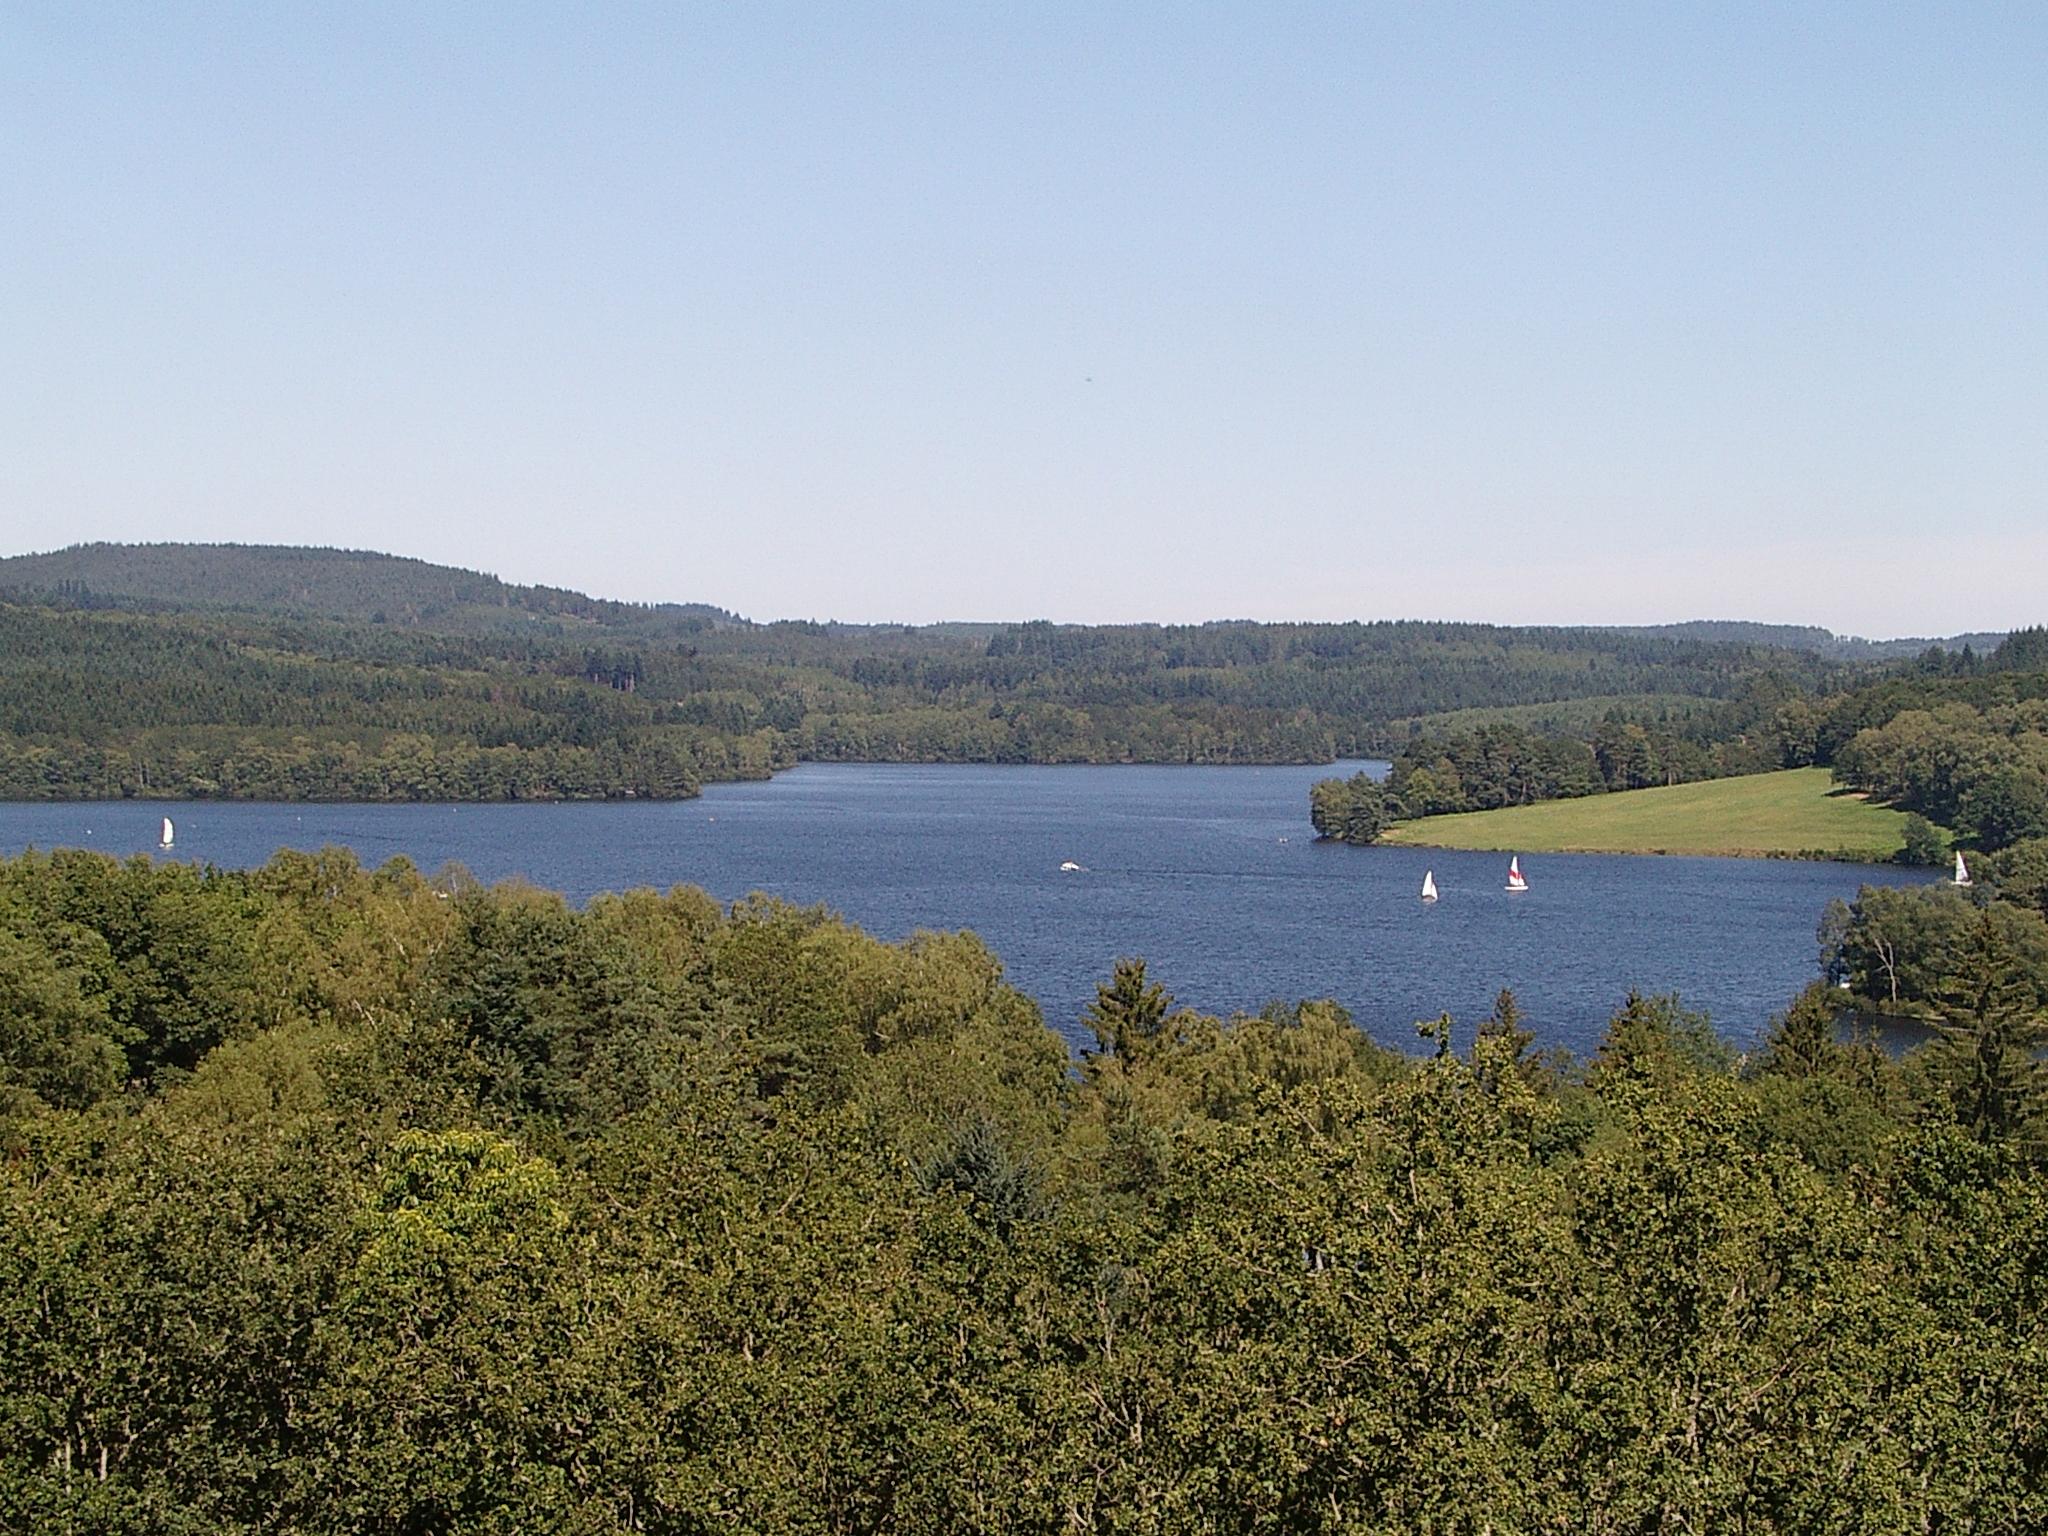 Le lac de Vassivière (communes de Beaumont-du-Lac et Peyrat-le-Château) a été créé à la suite de la construction du barrage portant son nom, en 1952.